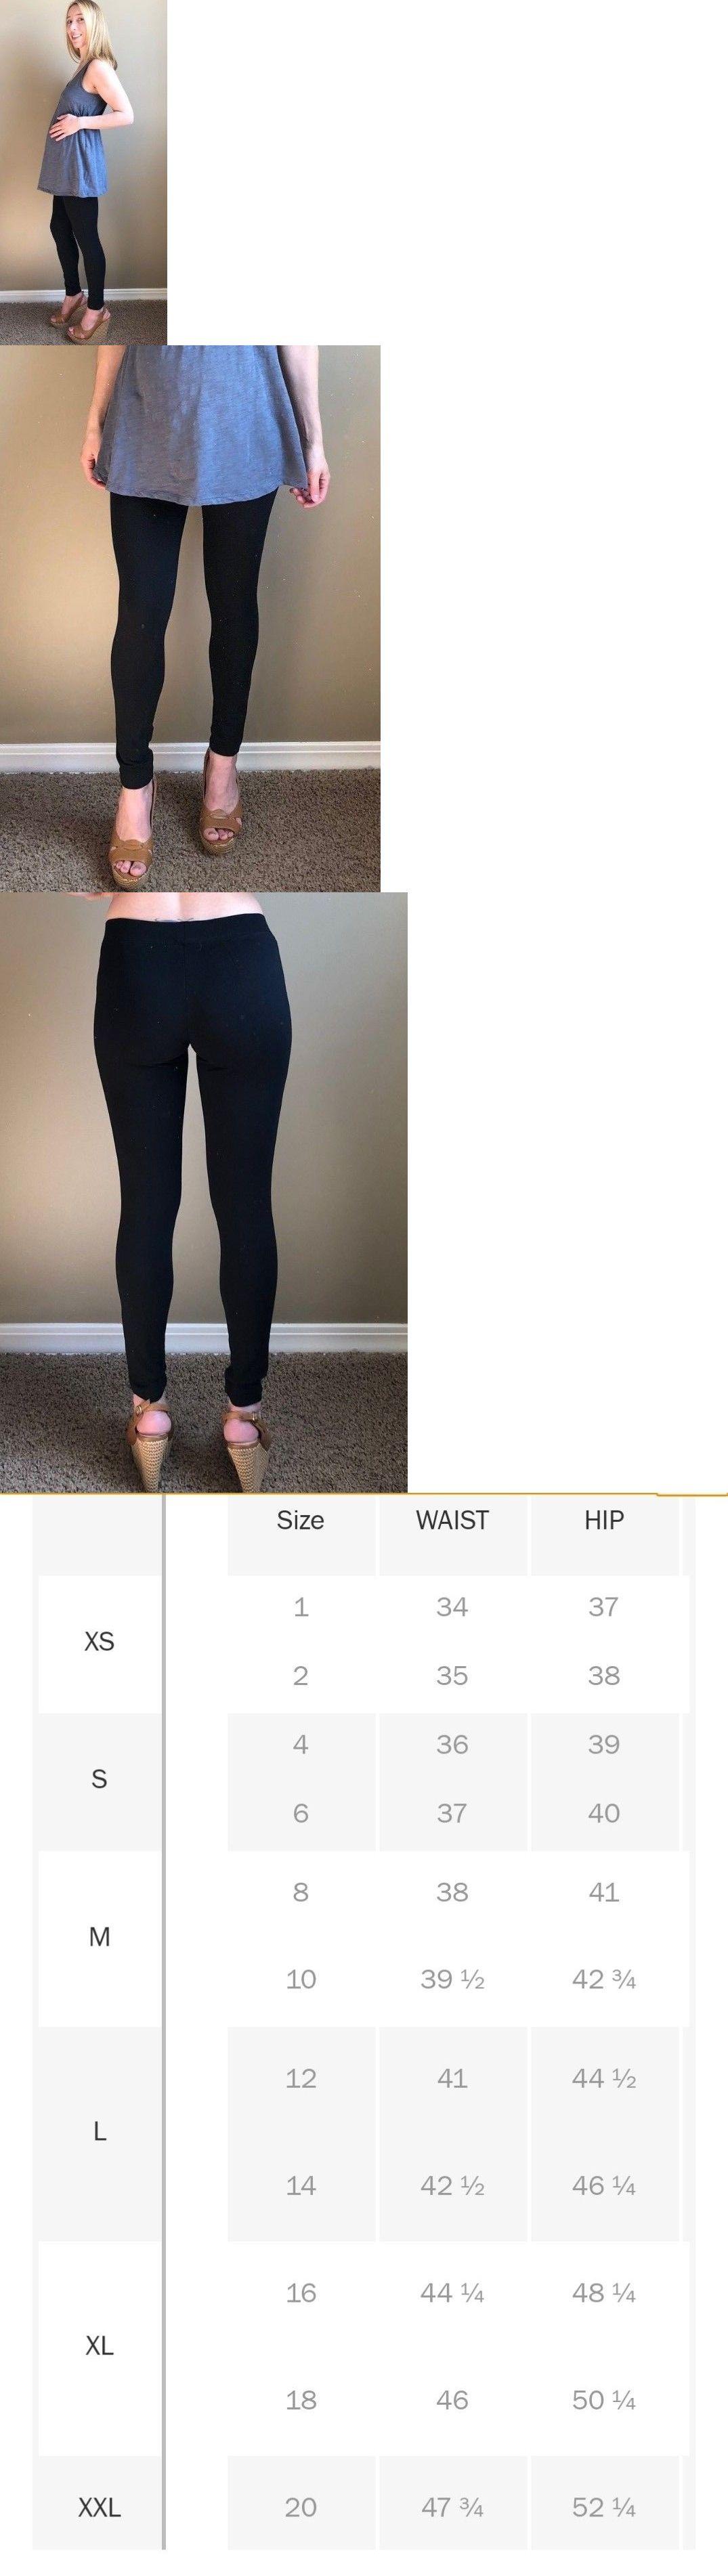 3069645e325c4 Leggings 46809: Old Navy Maternity Under Belly Leggings Xs -> BUY IT NOW  ONLY: $12.85 on #eBay #leggings #maternity #under #belly